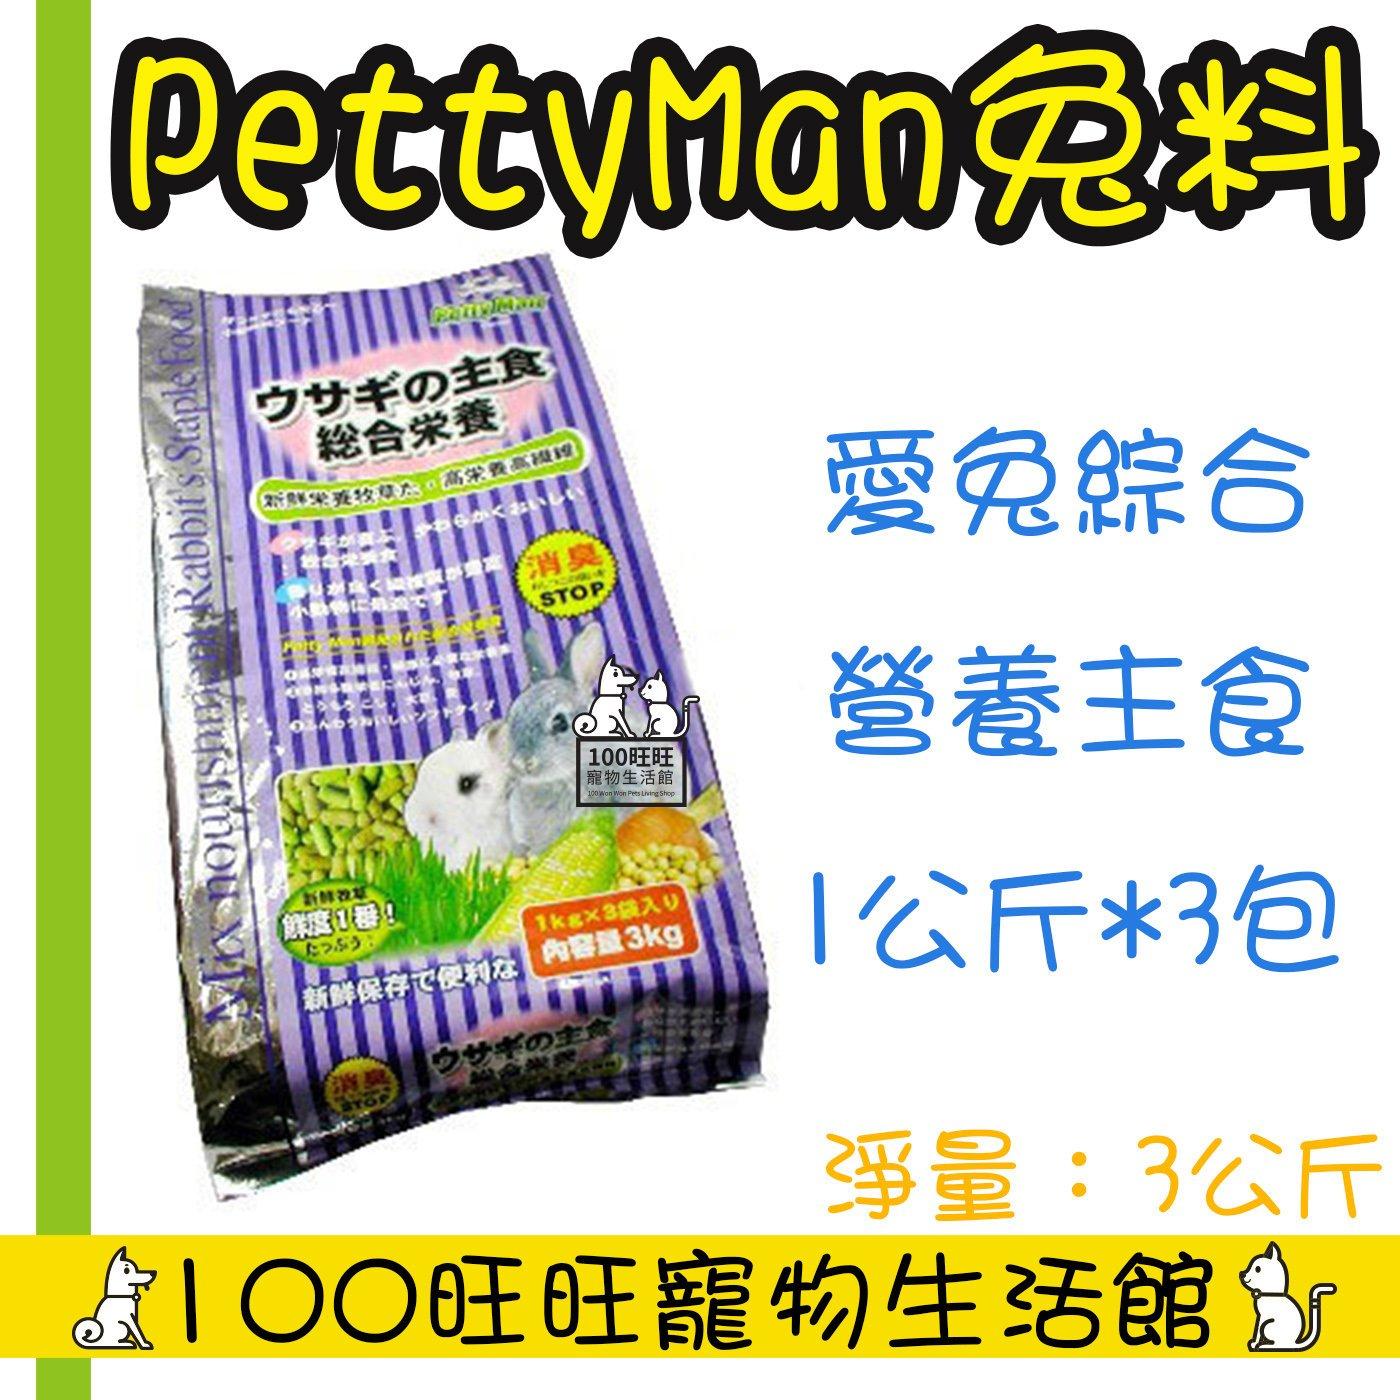 台南100旺旺〔會員更優惠〕〔1500免運〕Petty Man PM001 PM-001 營養綜合主食 消臭新配方